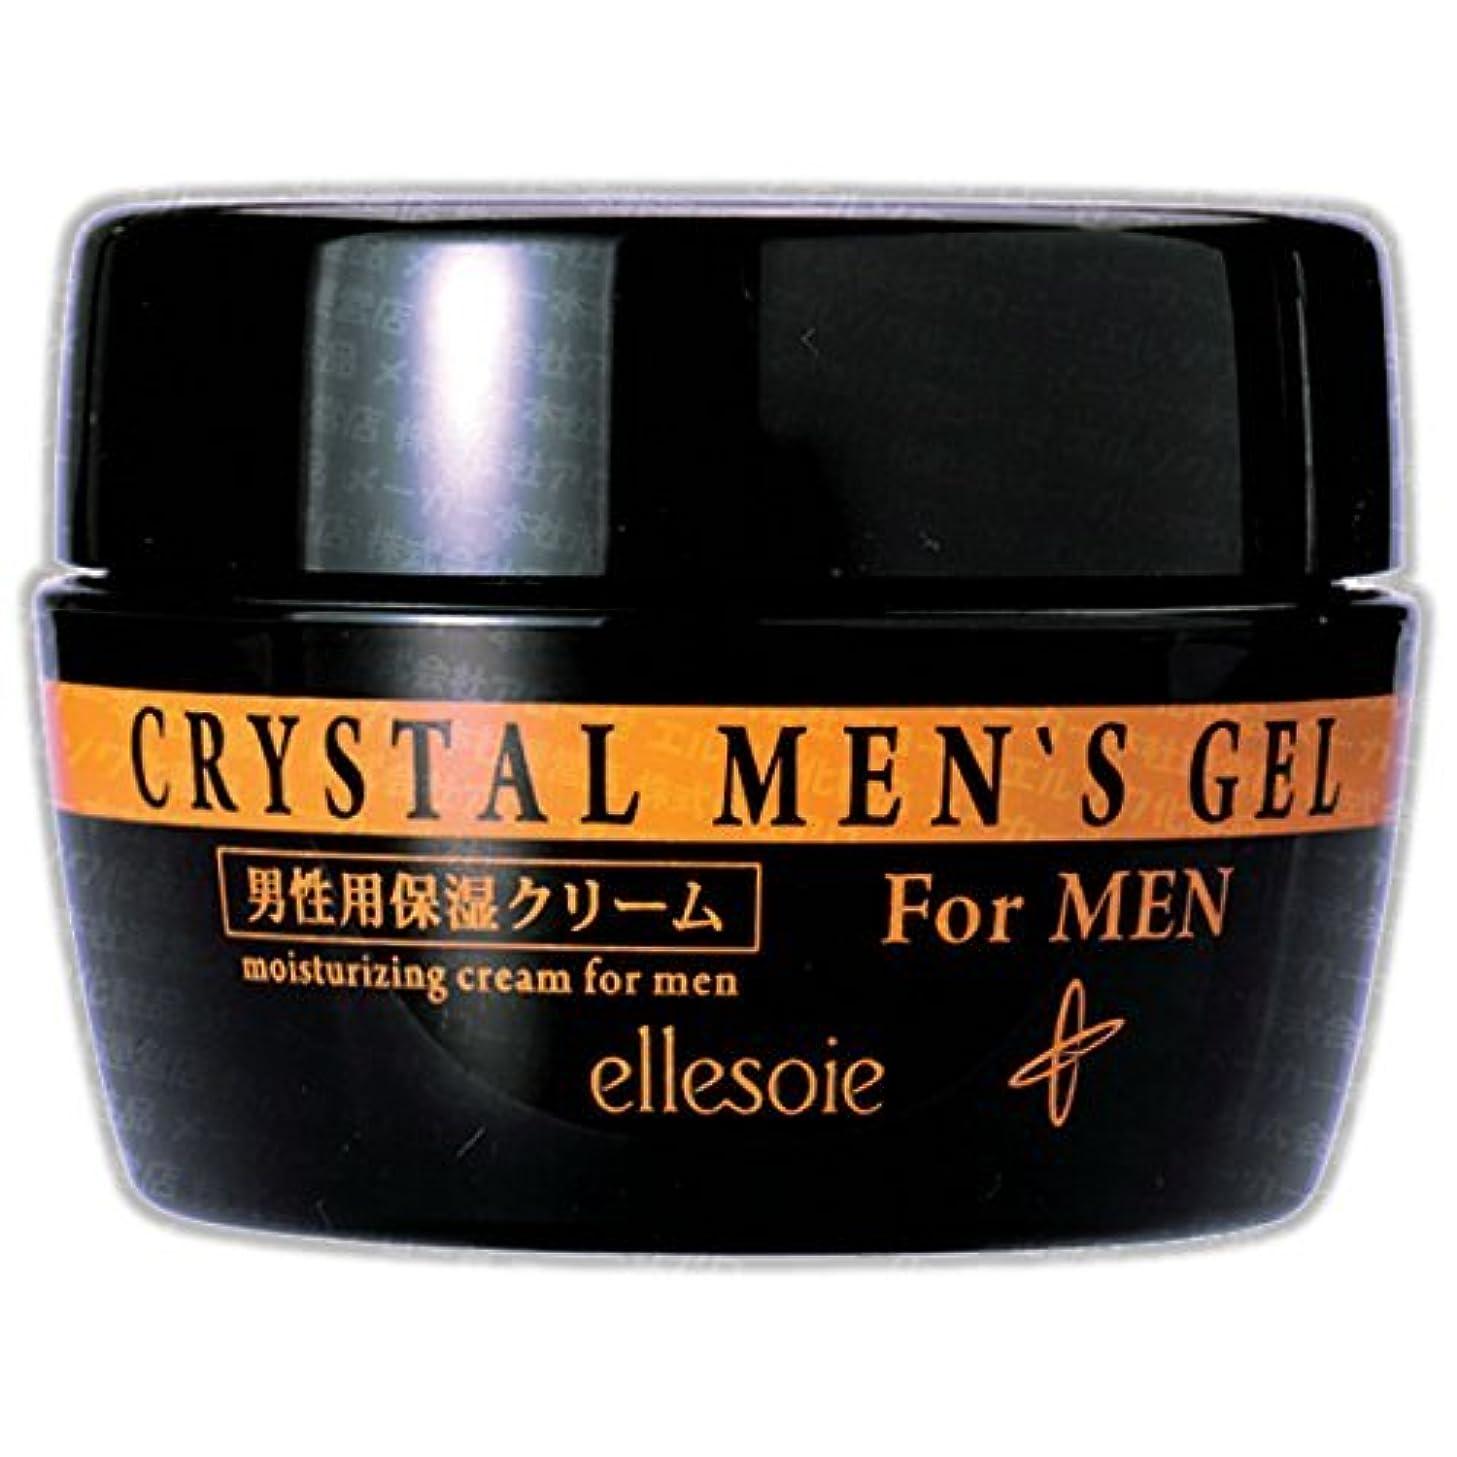 砂通行料金年金エルソワ化粧品(ellesoie) クリスタル メンズゲル 男性向けオールインワン